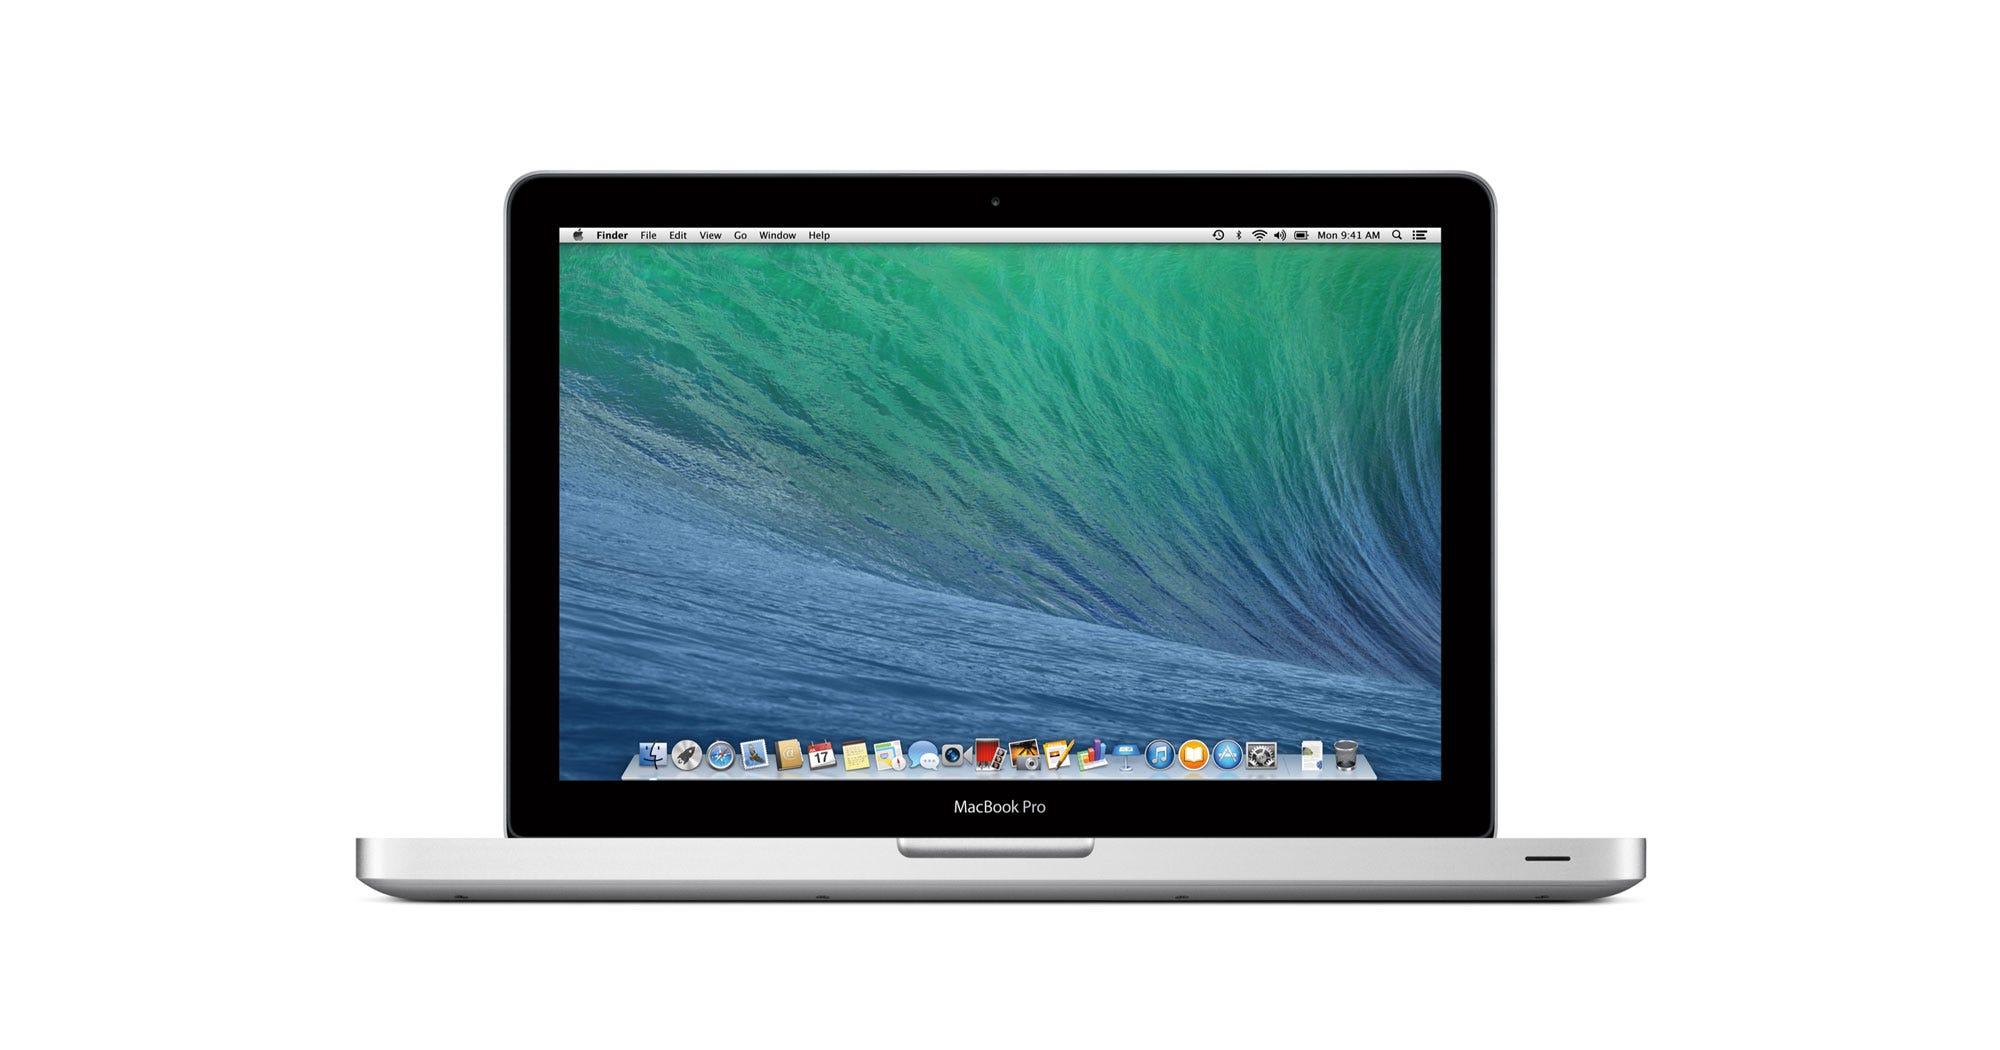 Apple New Macbook Pro October Event